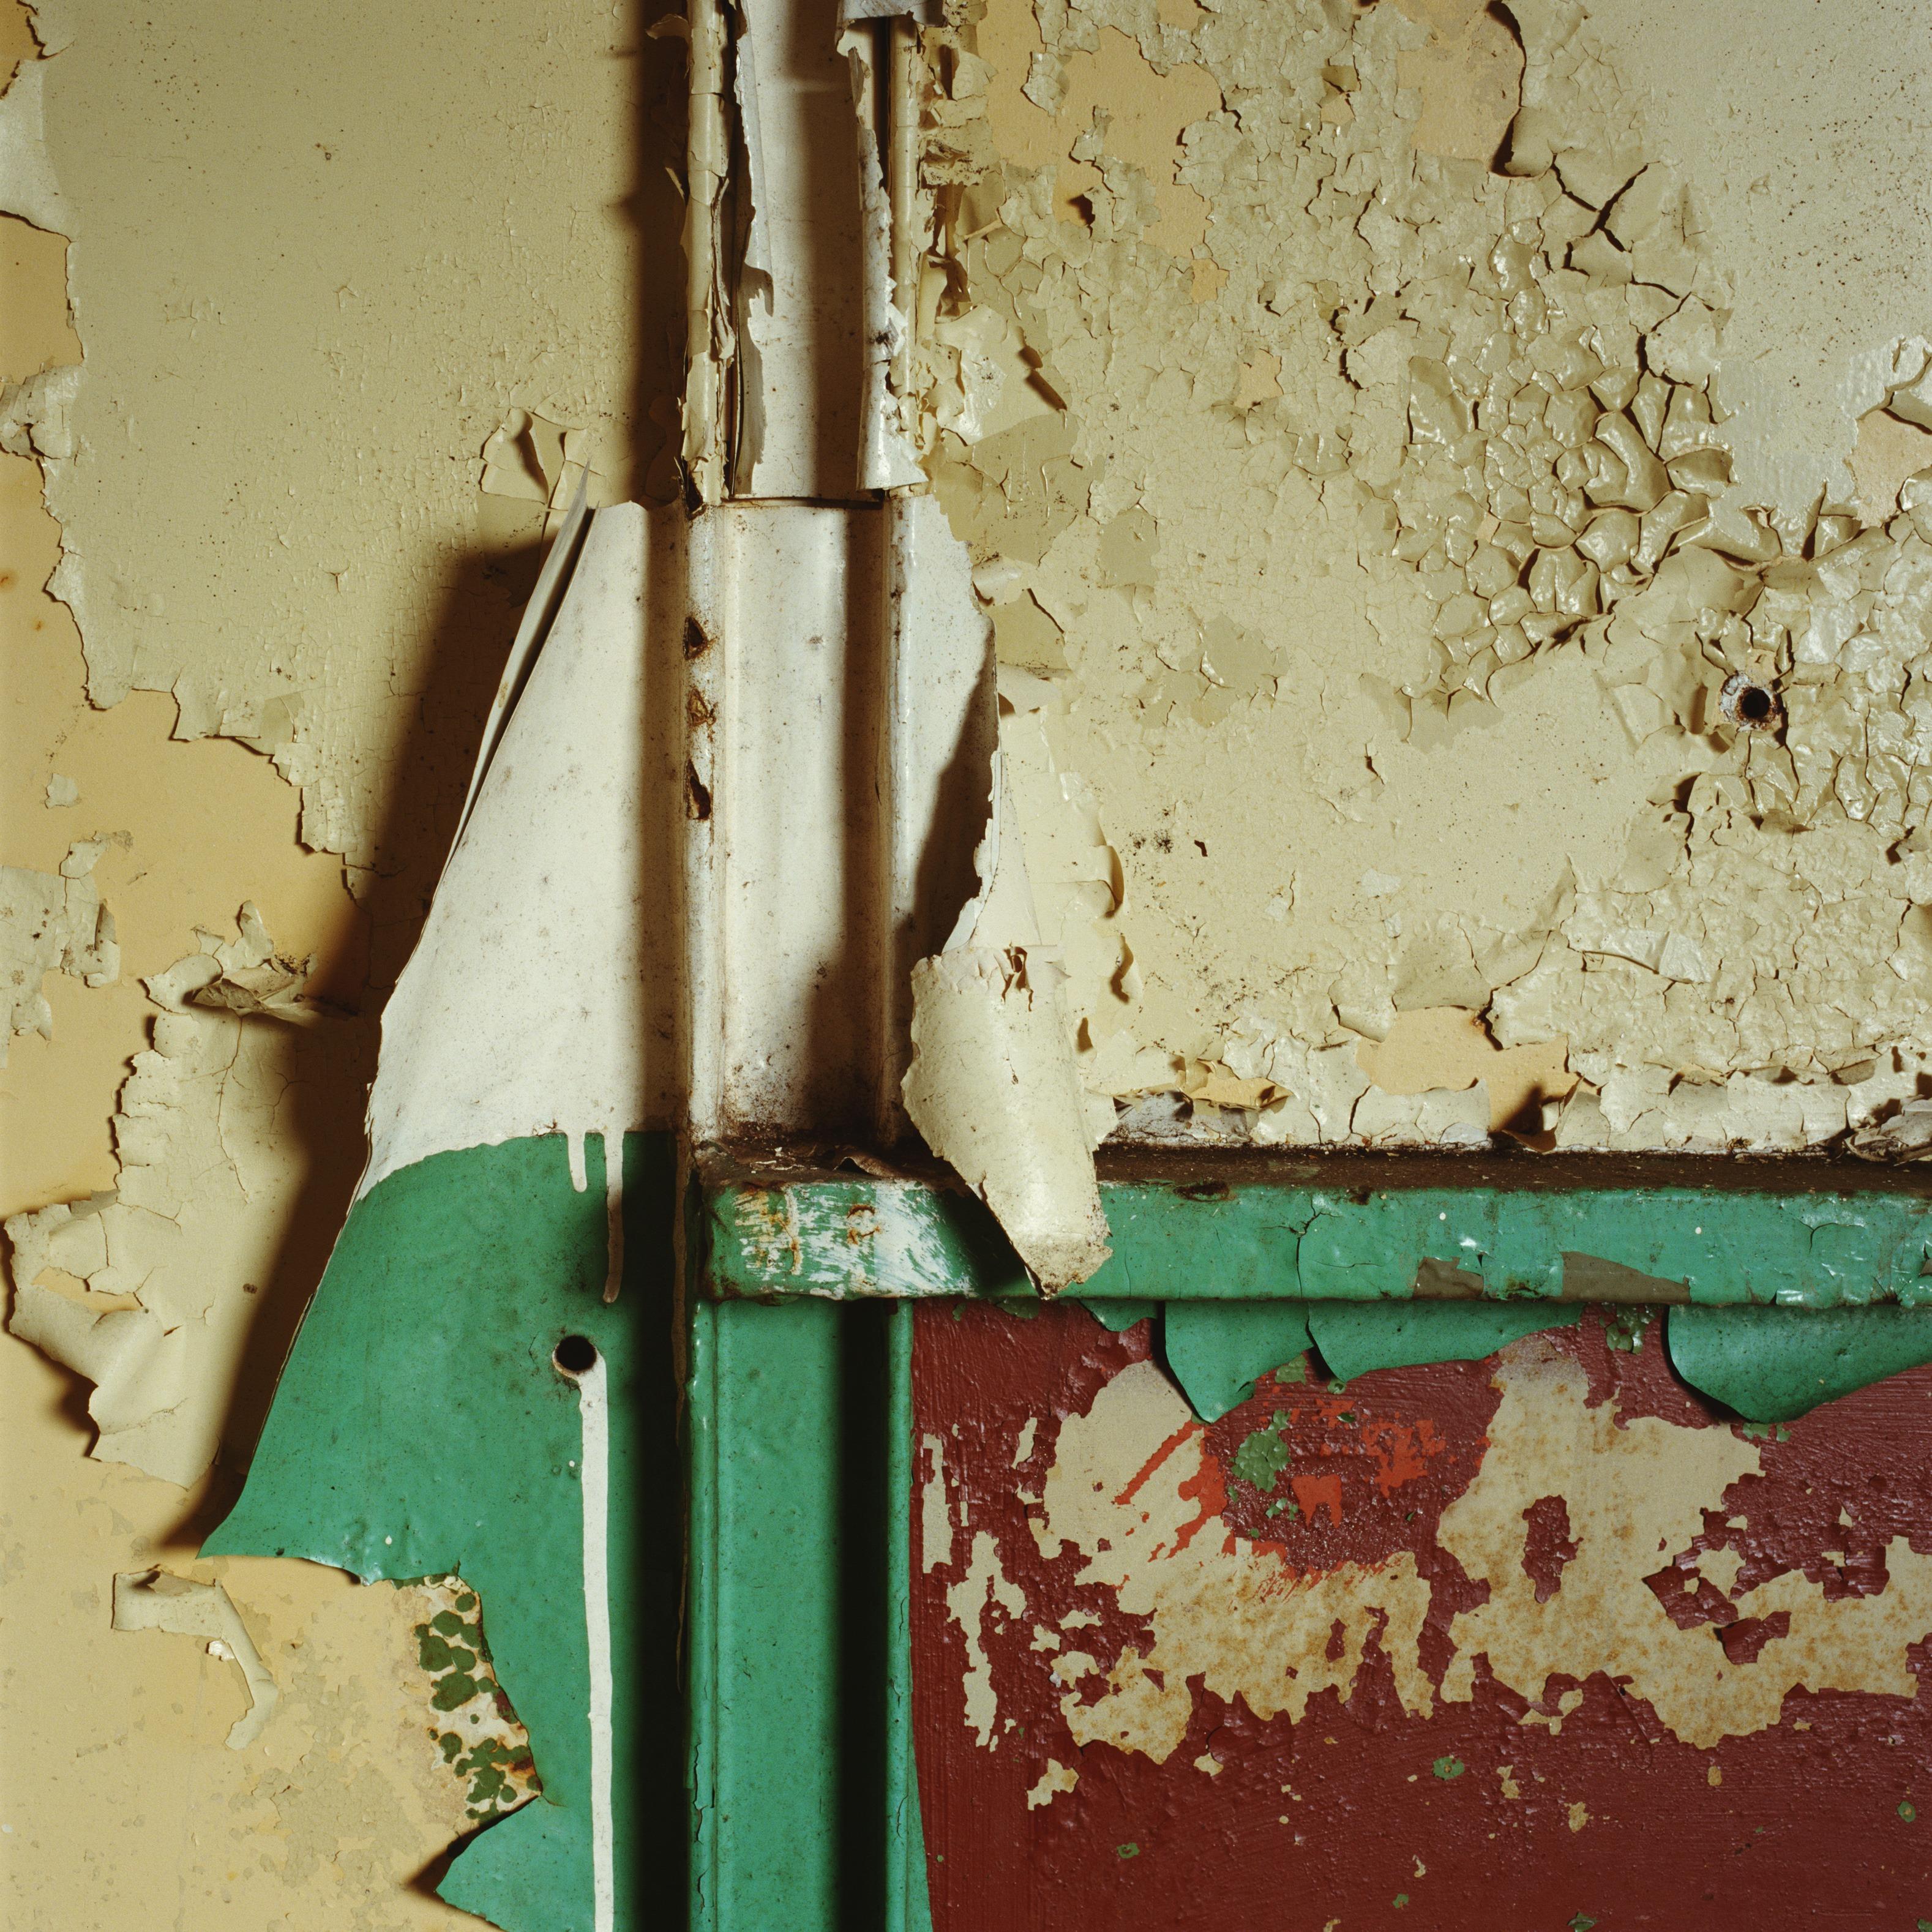 paint-rust-peeling-dirty-vintage-321663